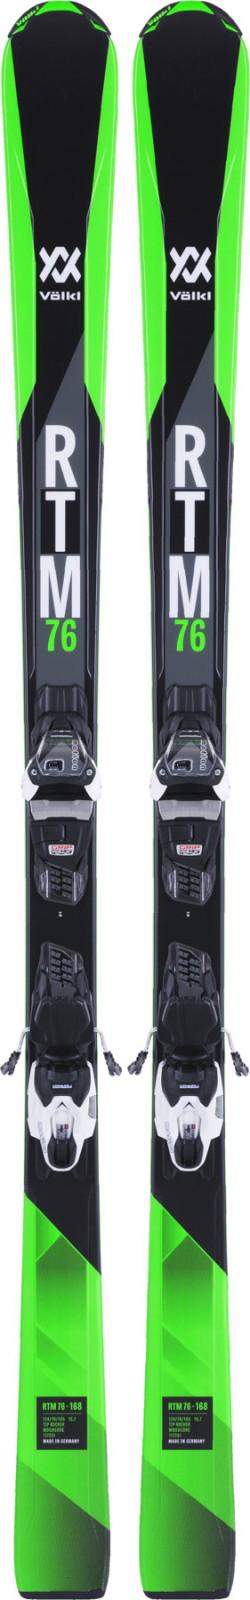 Völkl RTM 76 + vMotion 11 GW